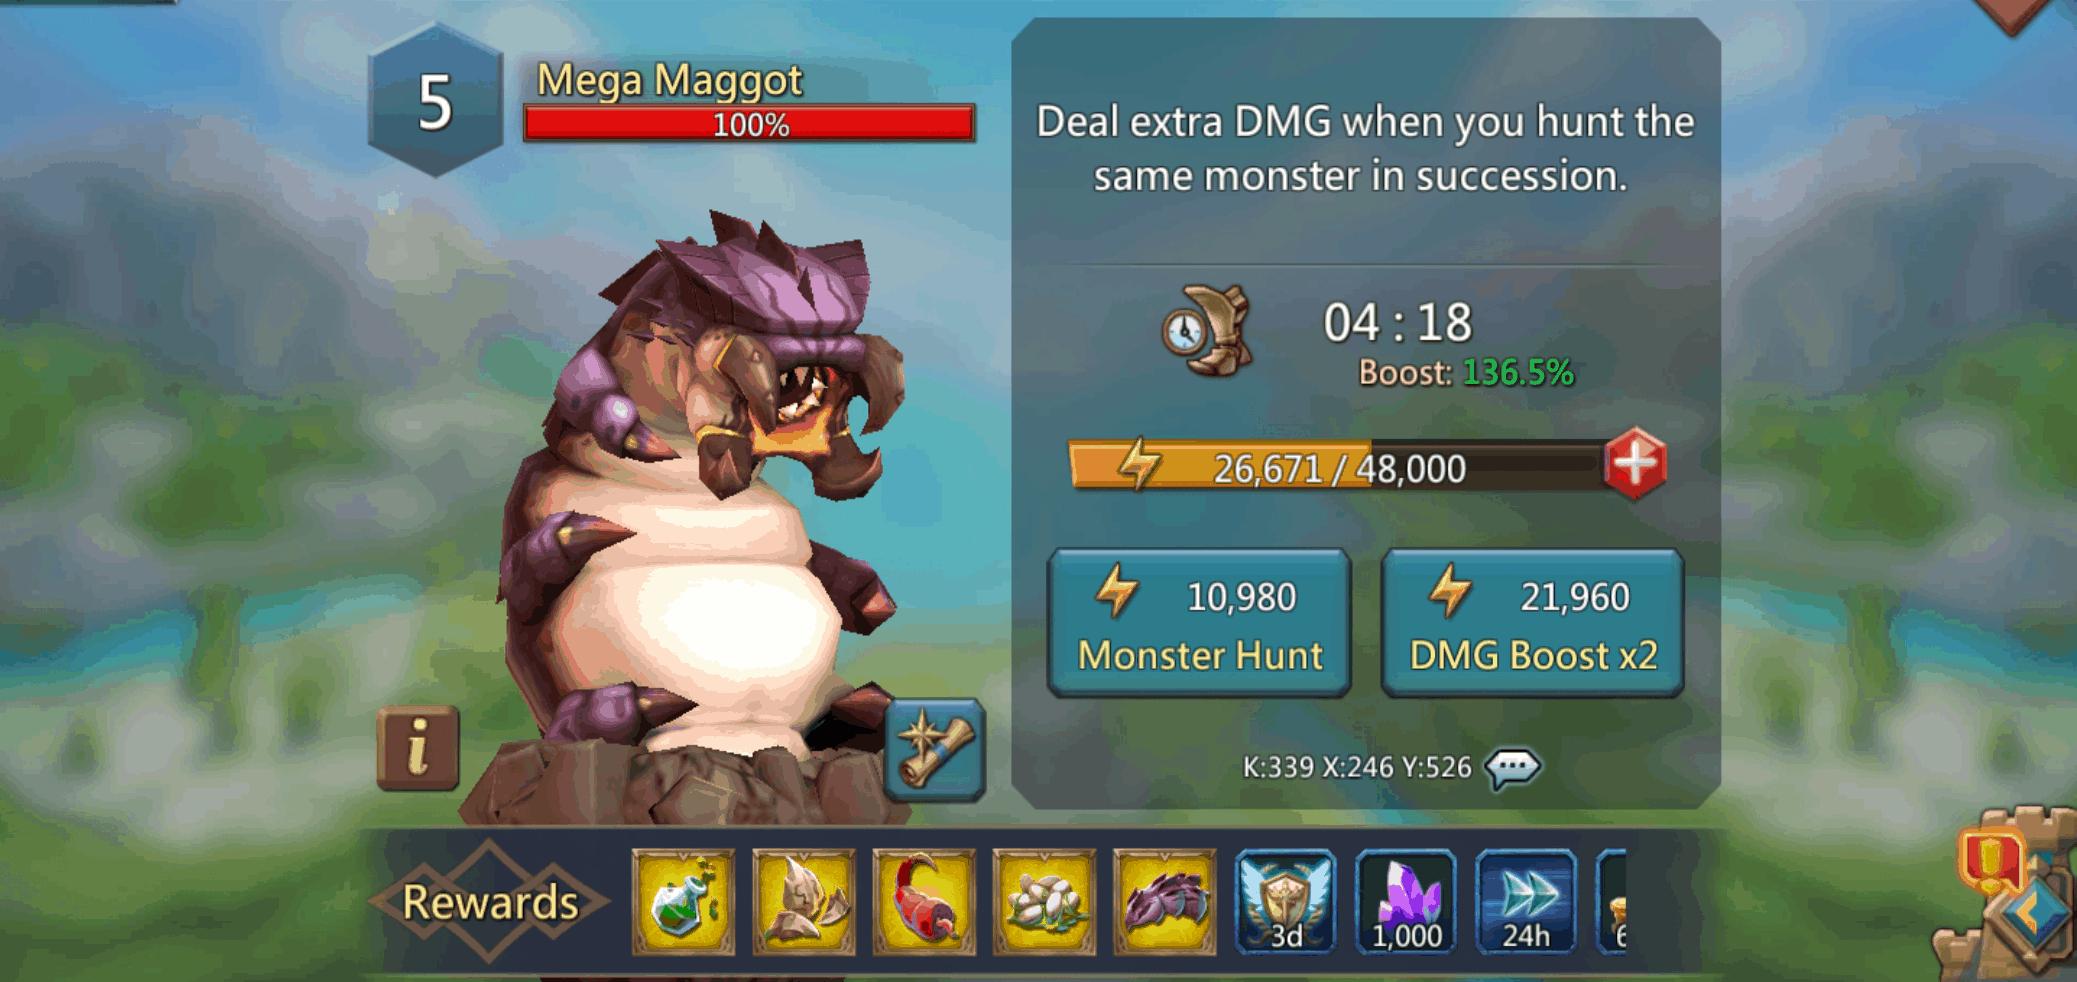 Mega Maggot